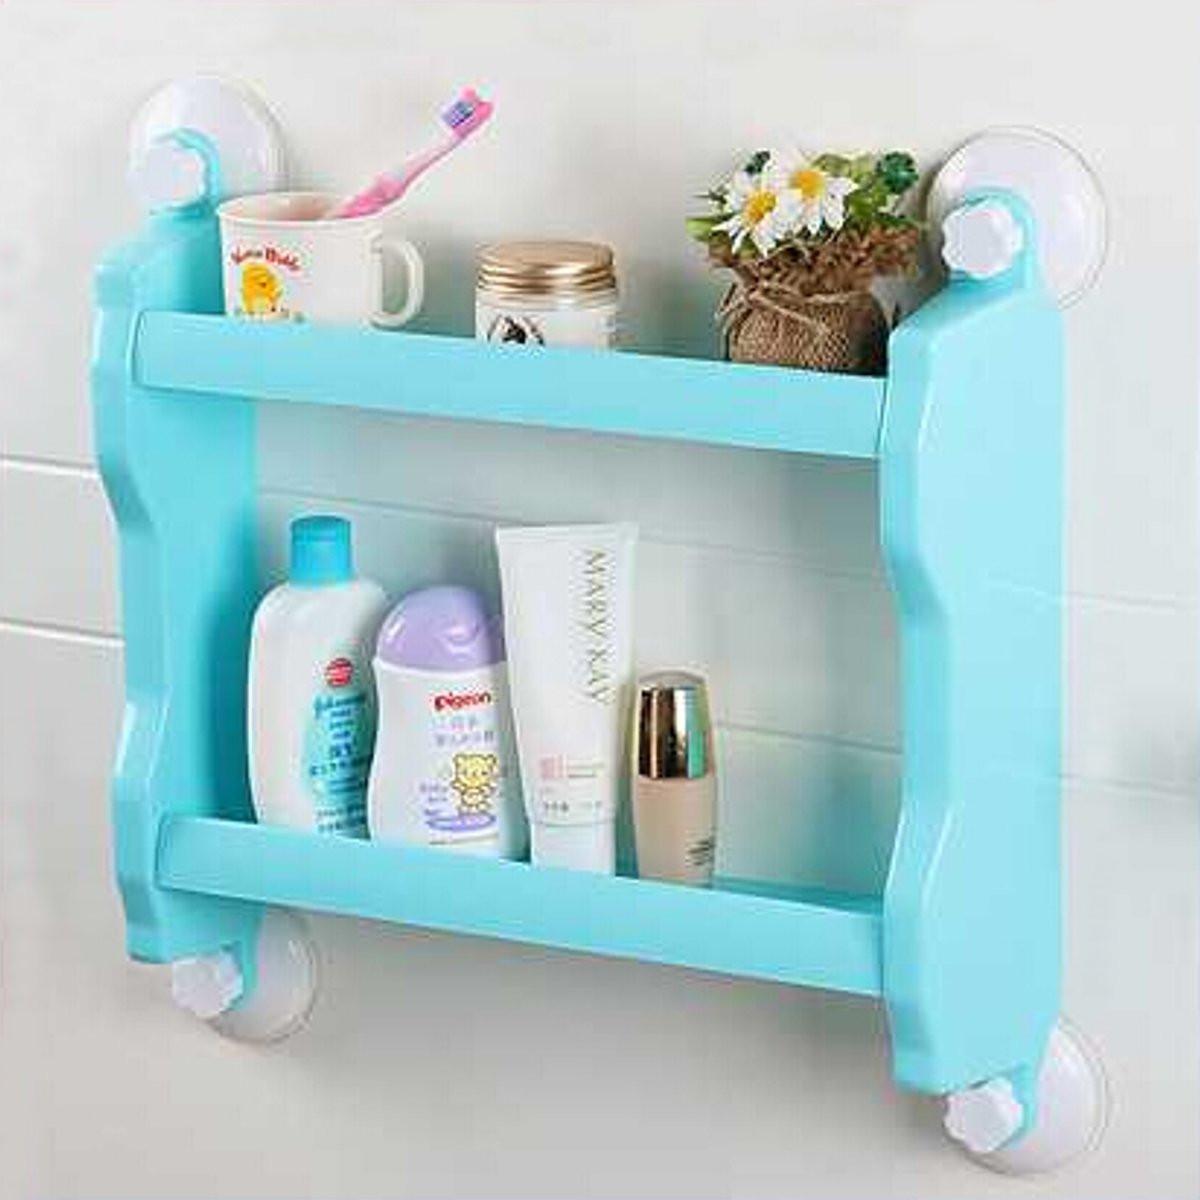 Kitchen Bathroom Shelf Suction Cup Rack Organizer Storage Shower ...